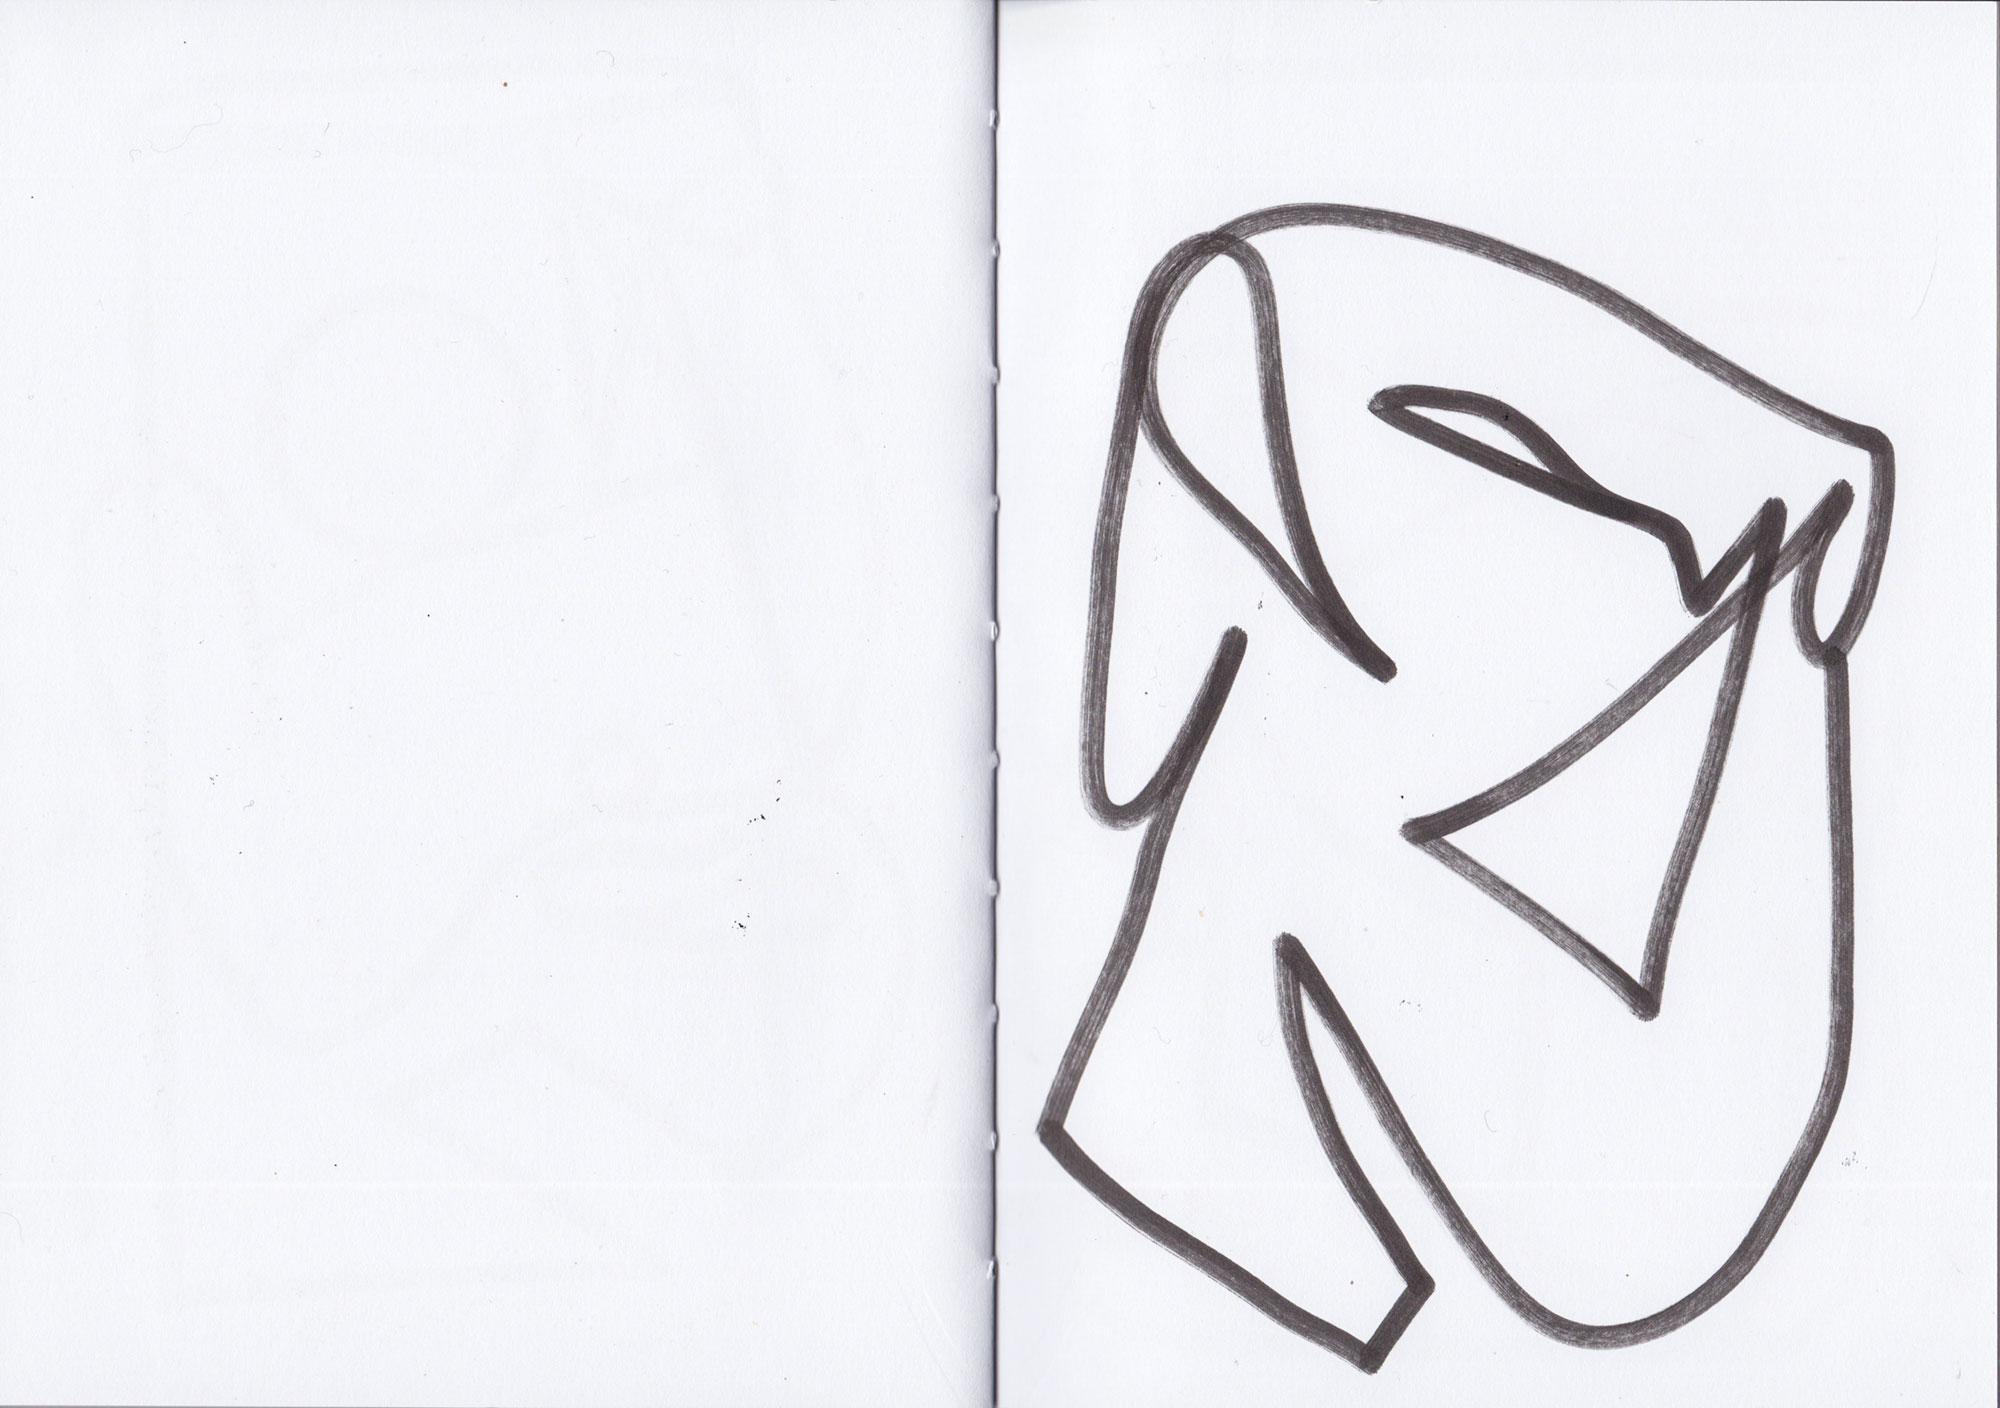 18-Scan-Book-FACES-DA-31